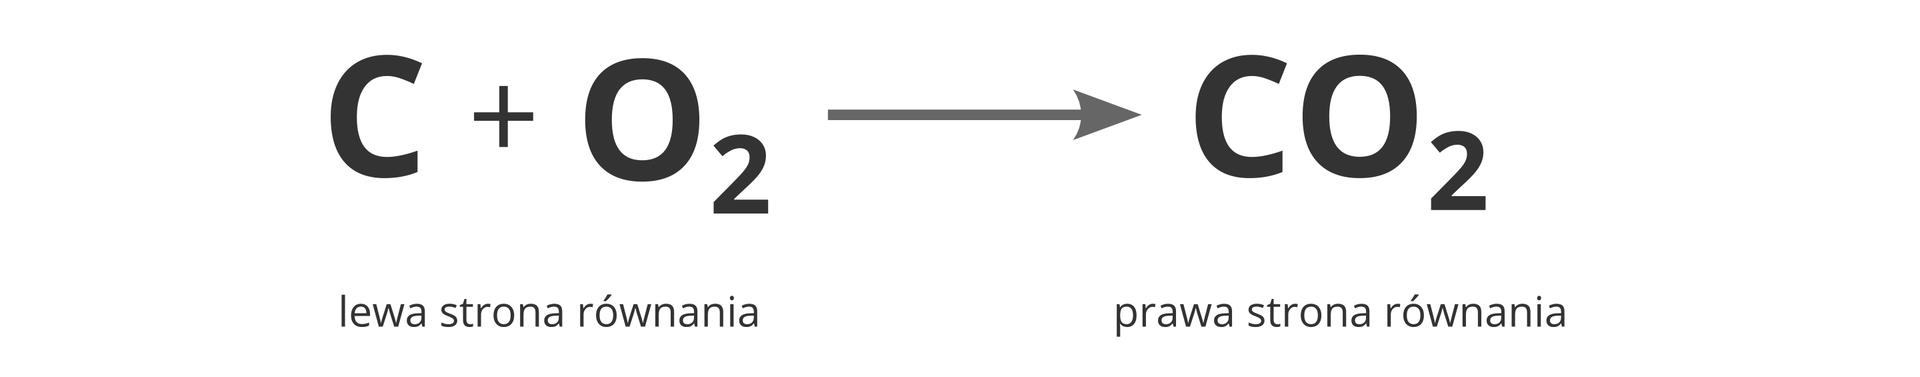 Ilustracja prezentuje sposób zapisu reakcji chemicznych zpodziałem na strony lewą iprawą na przykładzie spalania węgla wtlenie wwyniku czego powstaje dwutlenek węgla. Strona lewa równania opisuje stan przed reakcją ima postać C+ O2. Potem następuje strzałka skierowana wprawą stronę wskazująca kierunek zachodzenia reakcji. Prawa strona równania opisuje stan po reakcji ima postać CO2.